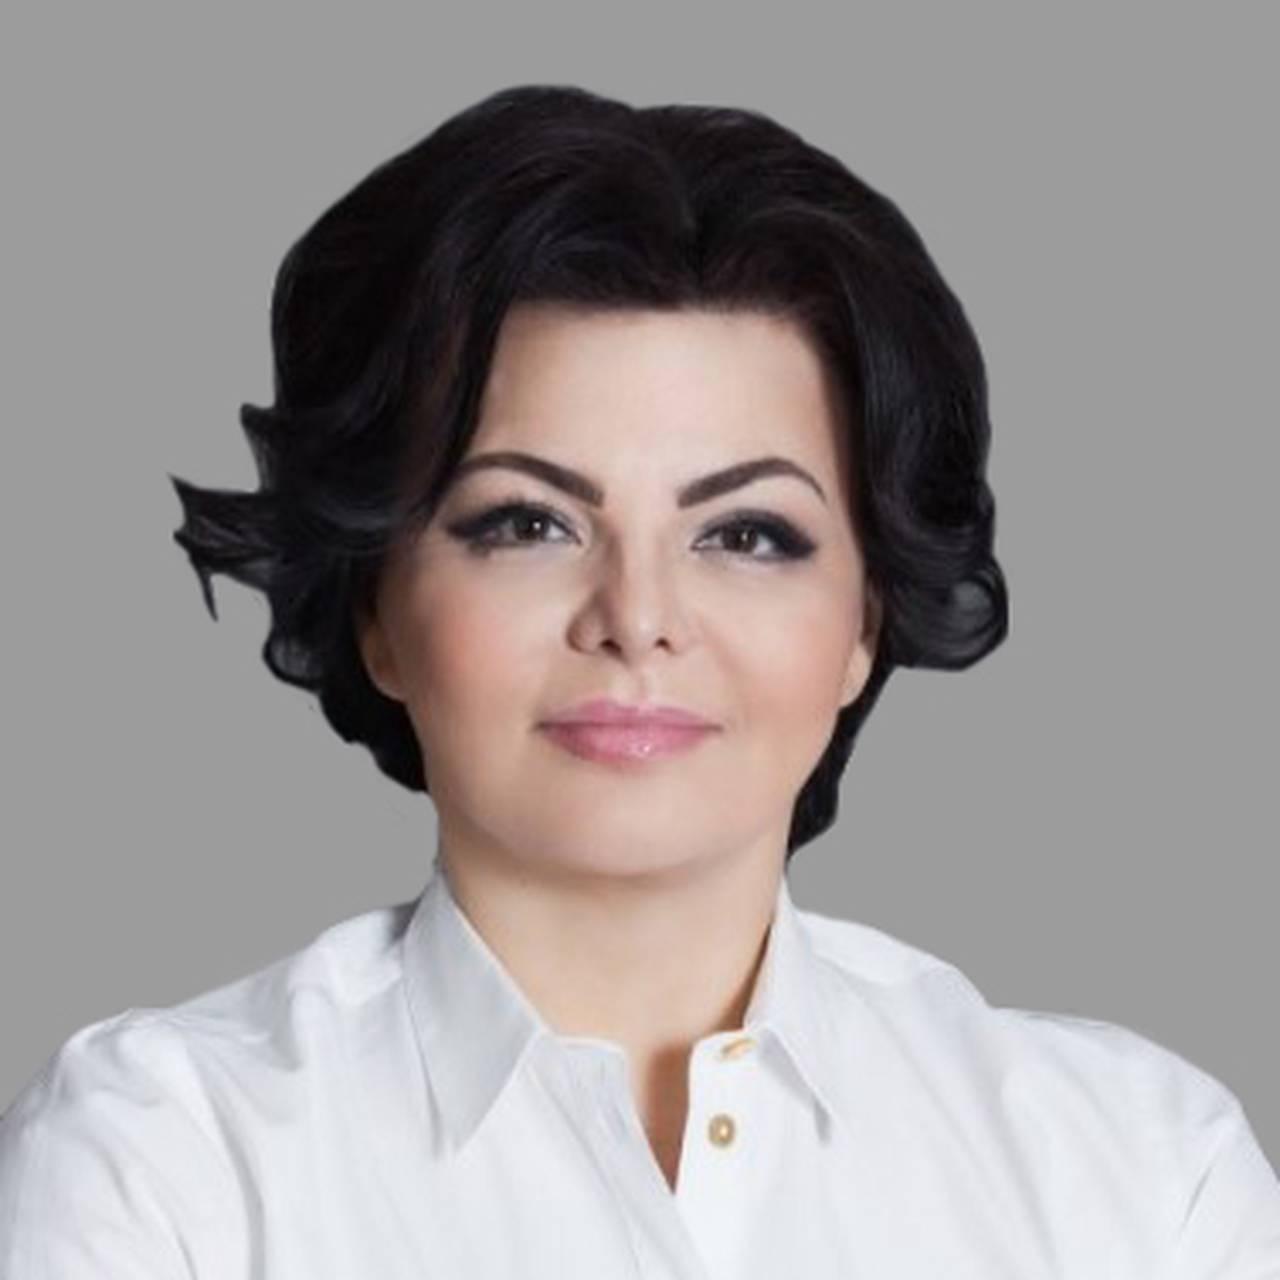 Депутат Мосгордумы Елена Николаева